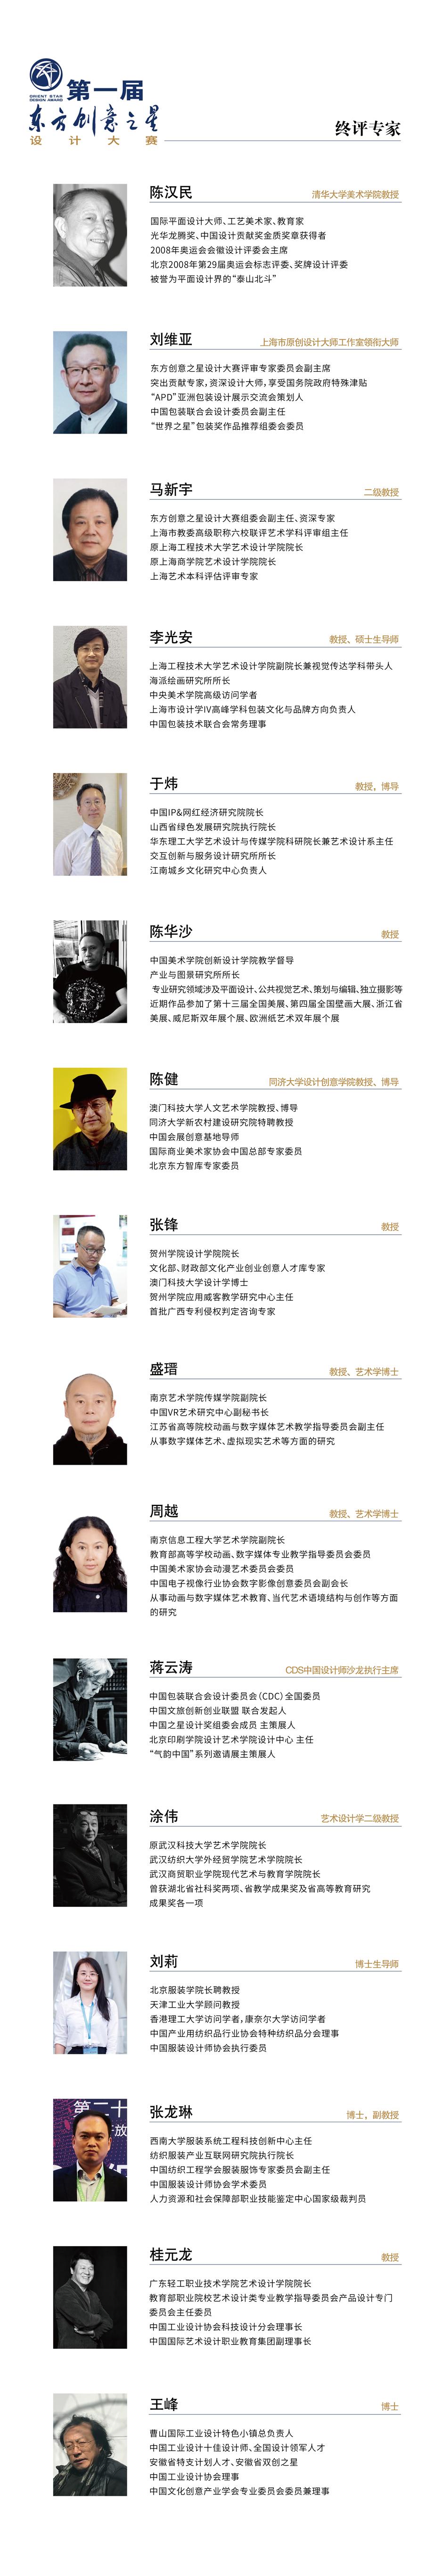 小像素 新闻发布专家简介 合并 -终评.jpg